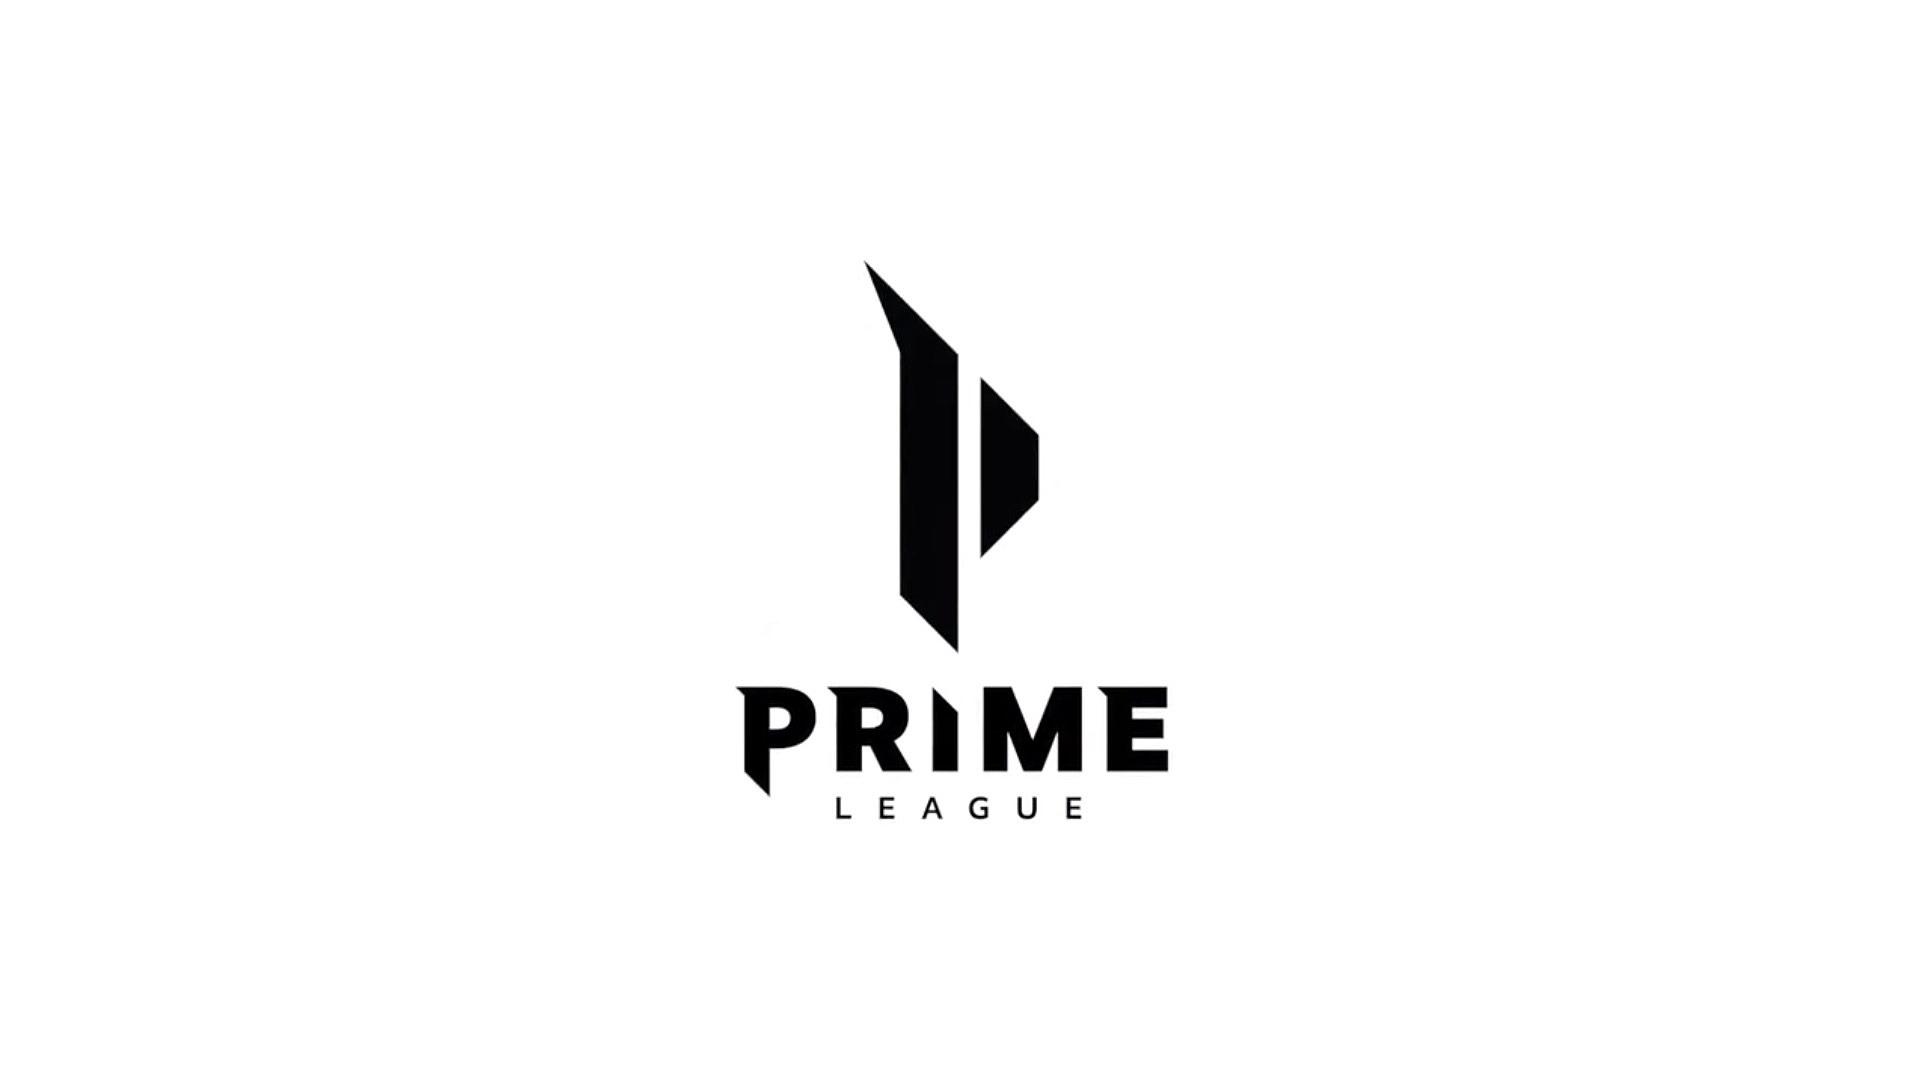 prime league logo babt